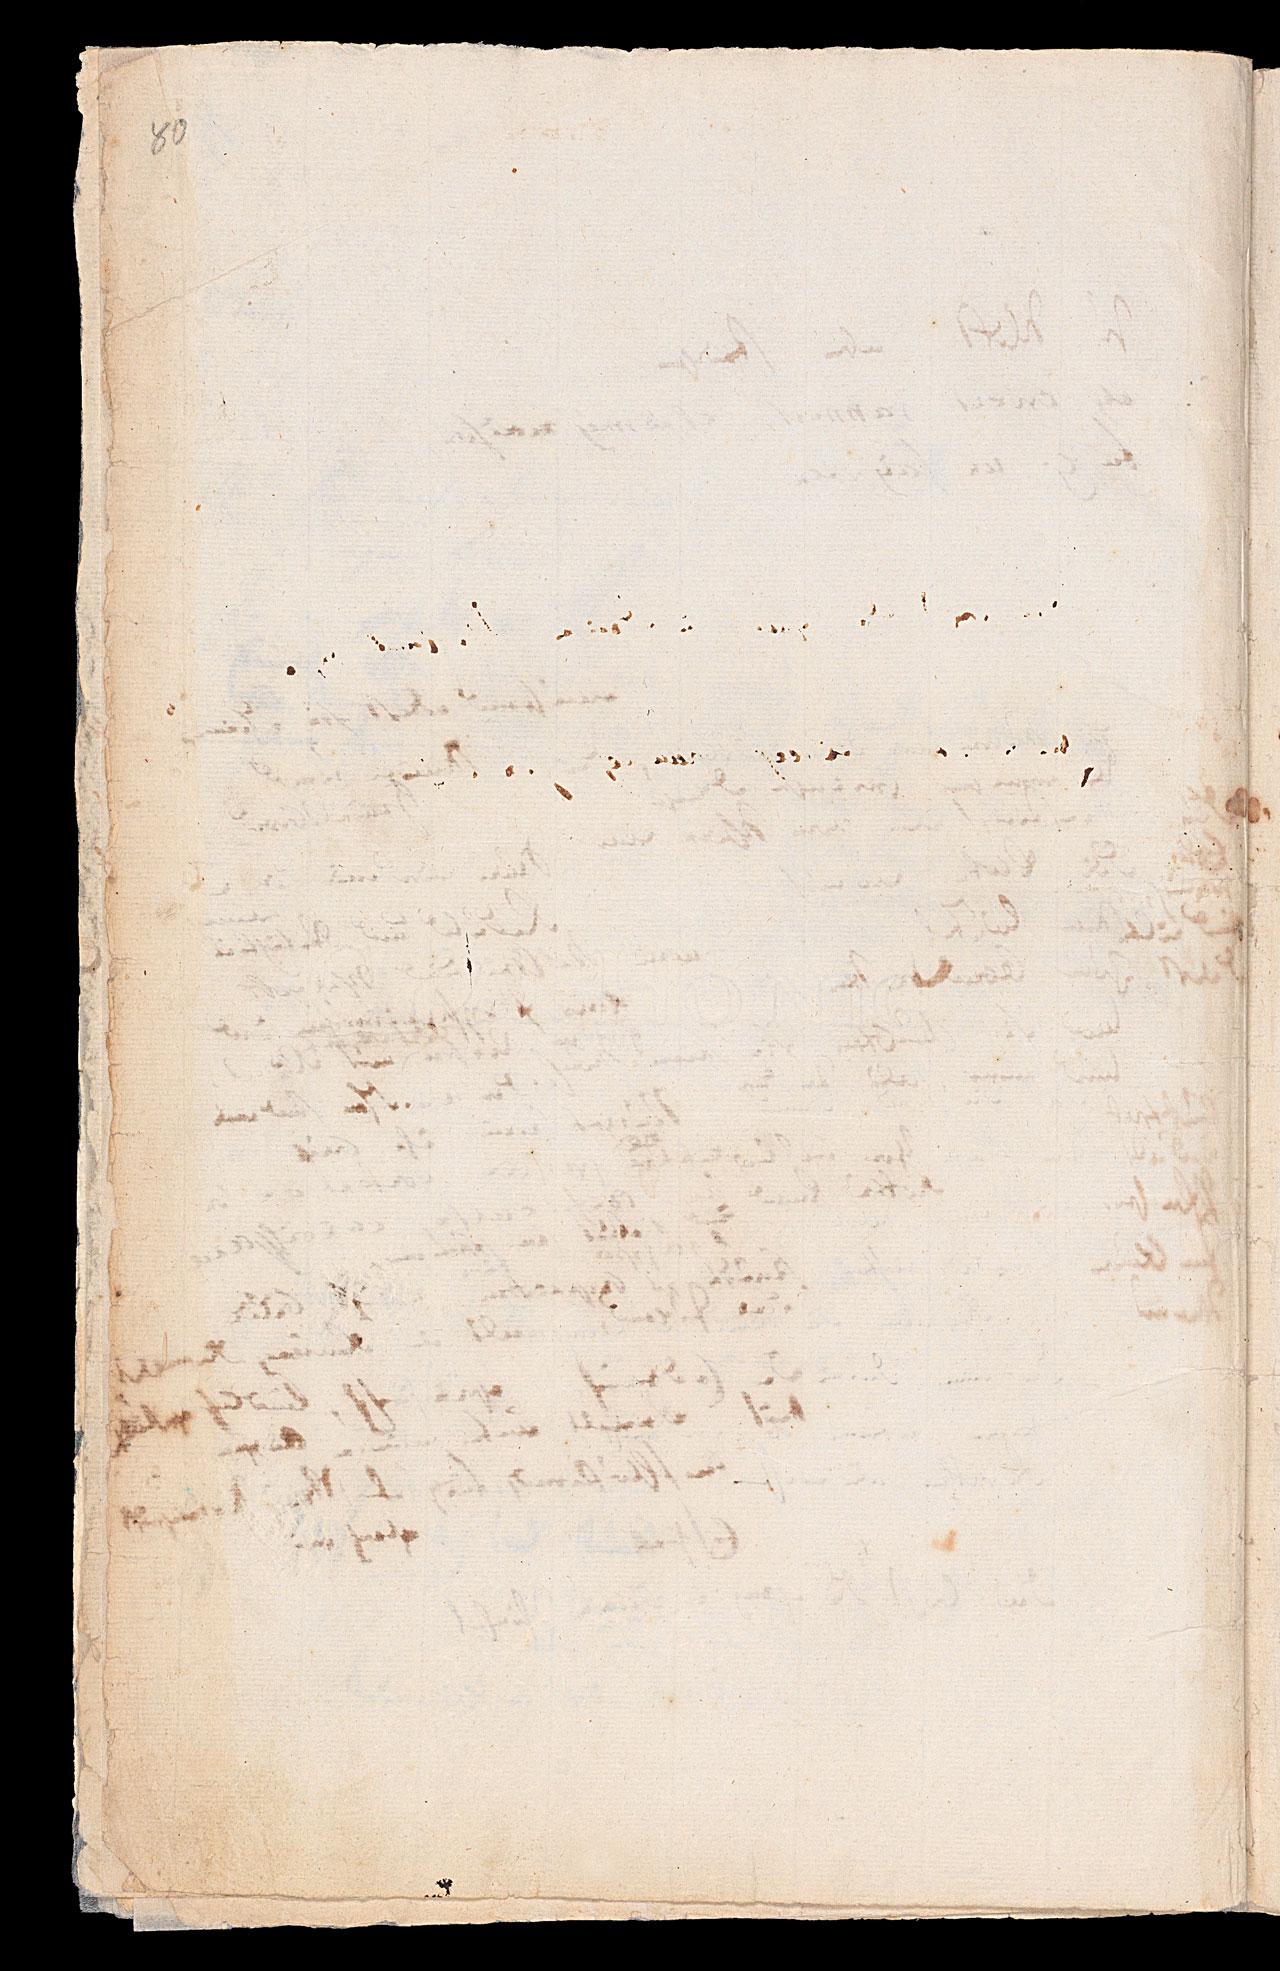 Friedrich Hölderlin, Homburger Folioheft, Seite 80, Handschrift